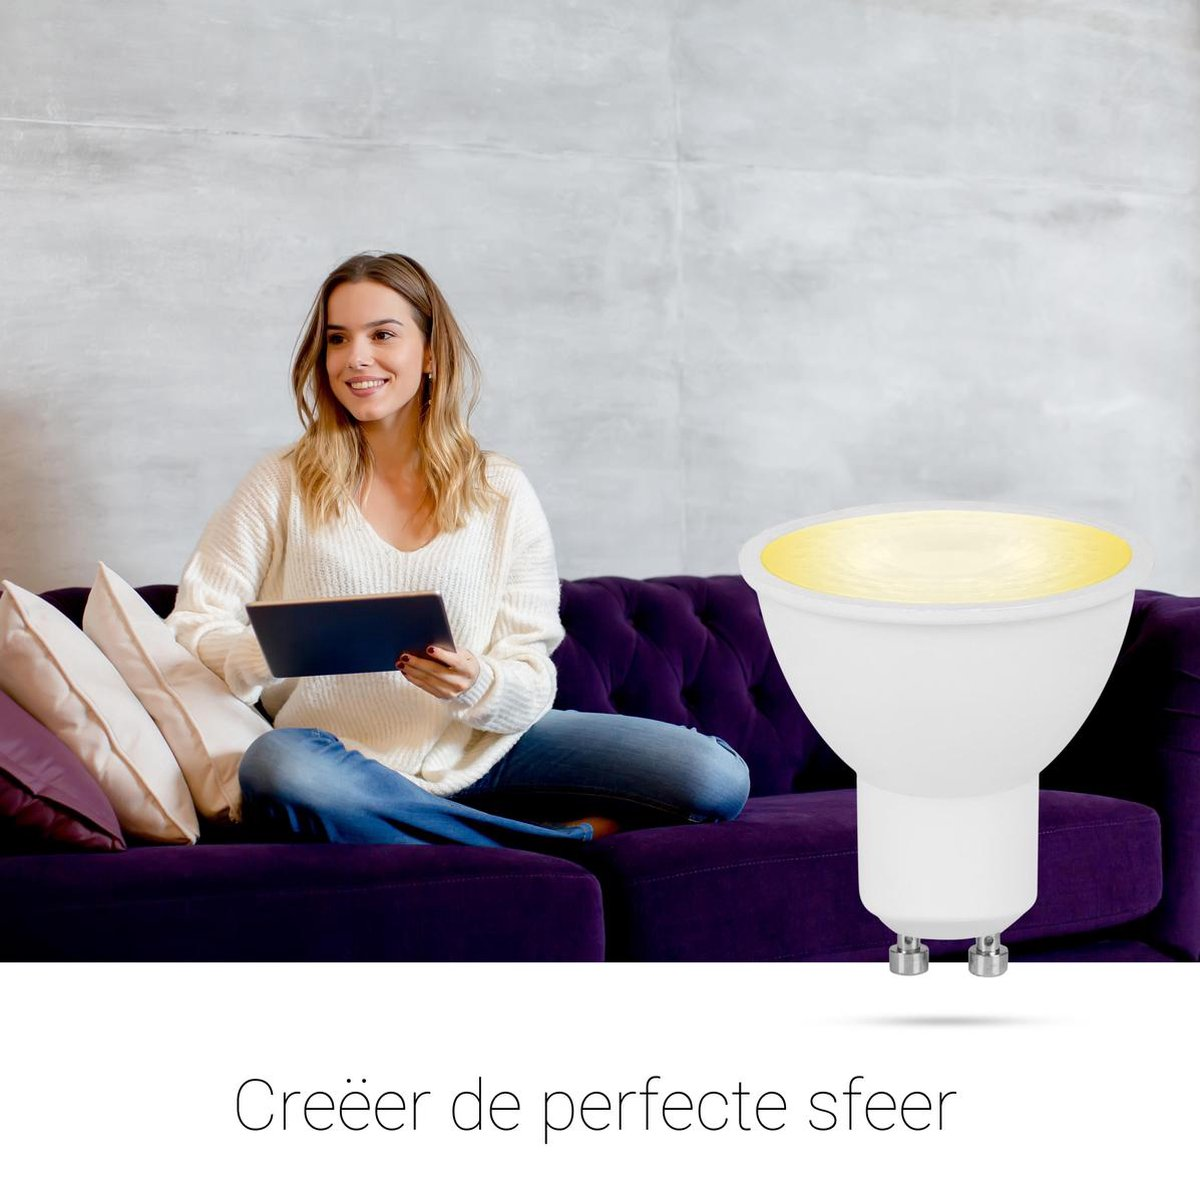 Smartwares 10.051.52 Slimme GU10 Lamp - PRO Series - Regelbaar Wit licht - Uitbreiding